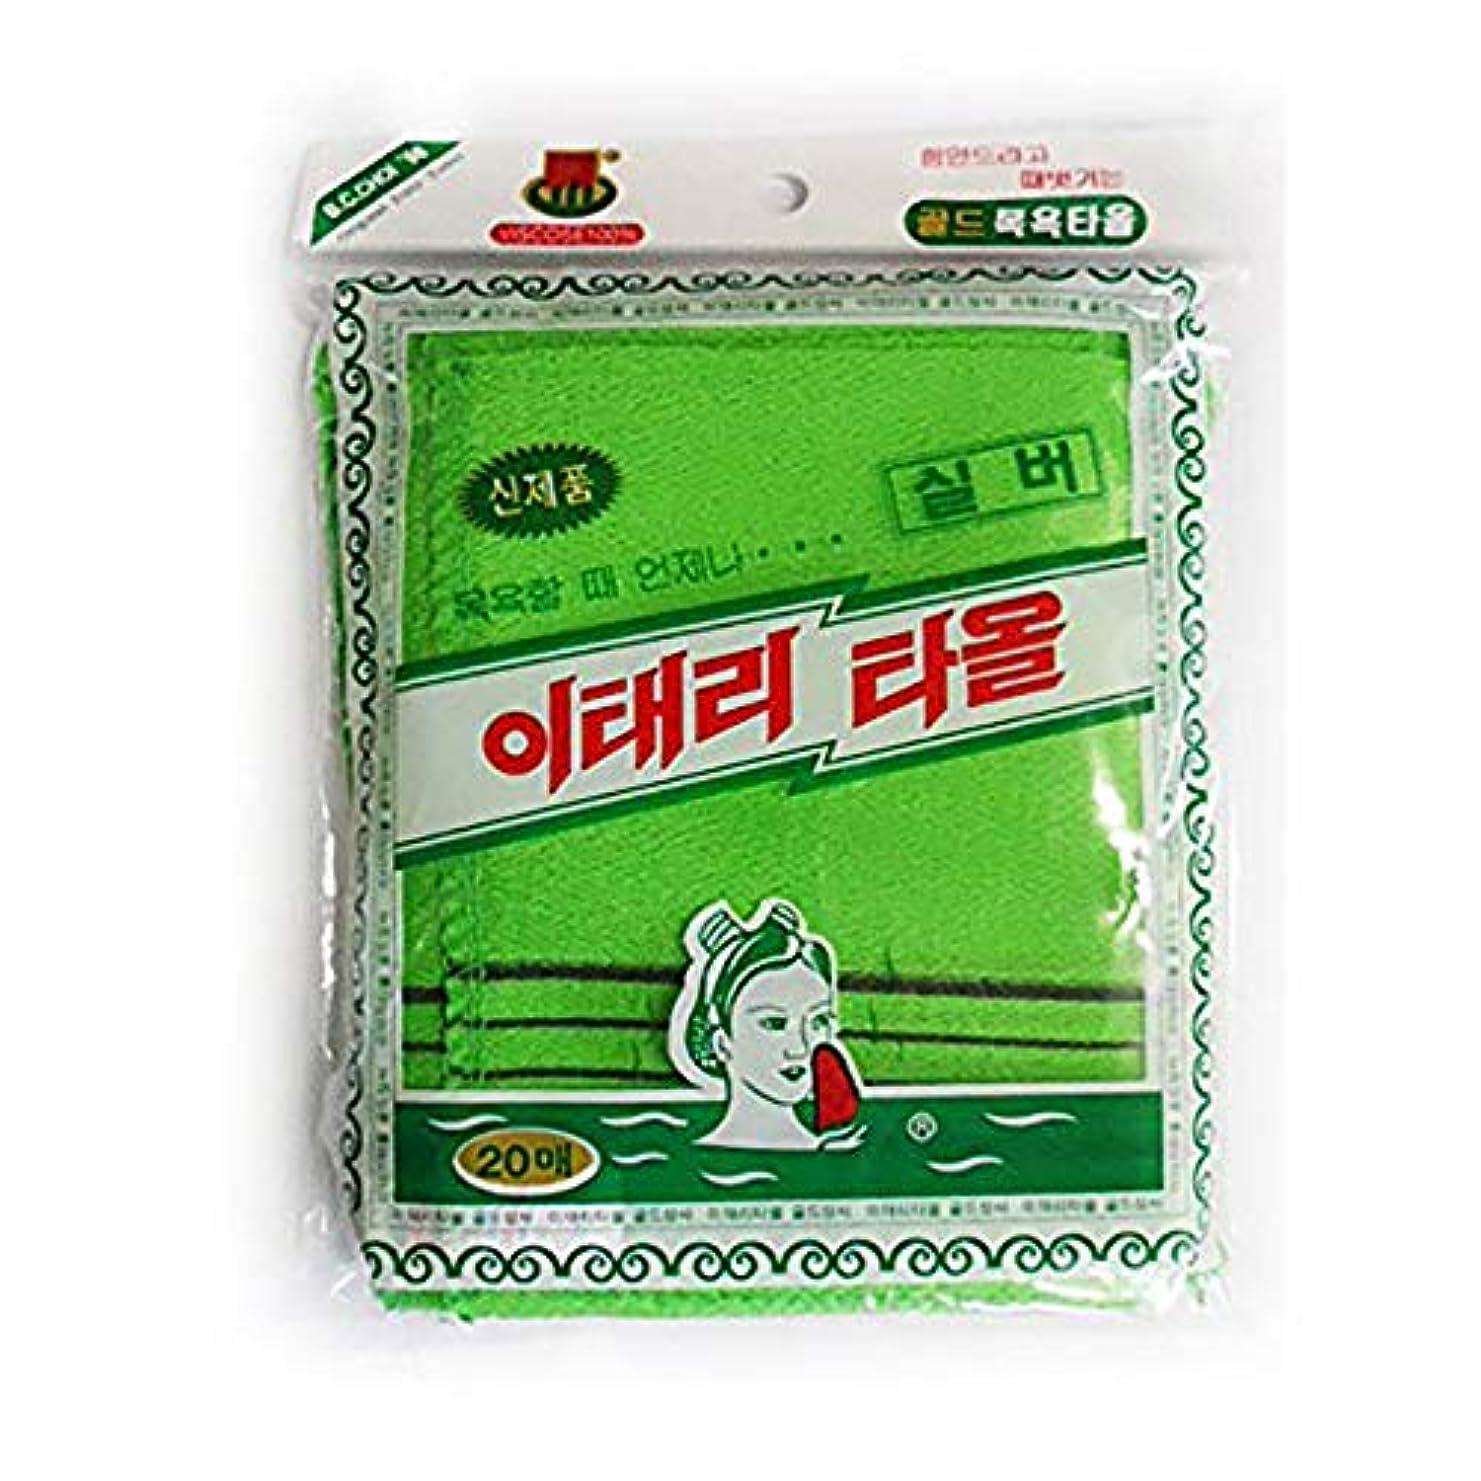 彼は引っ張る韓国語アカスリタオル (韓国式あかすりタオル) 20枚セット